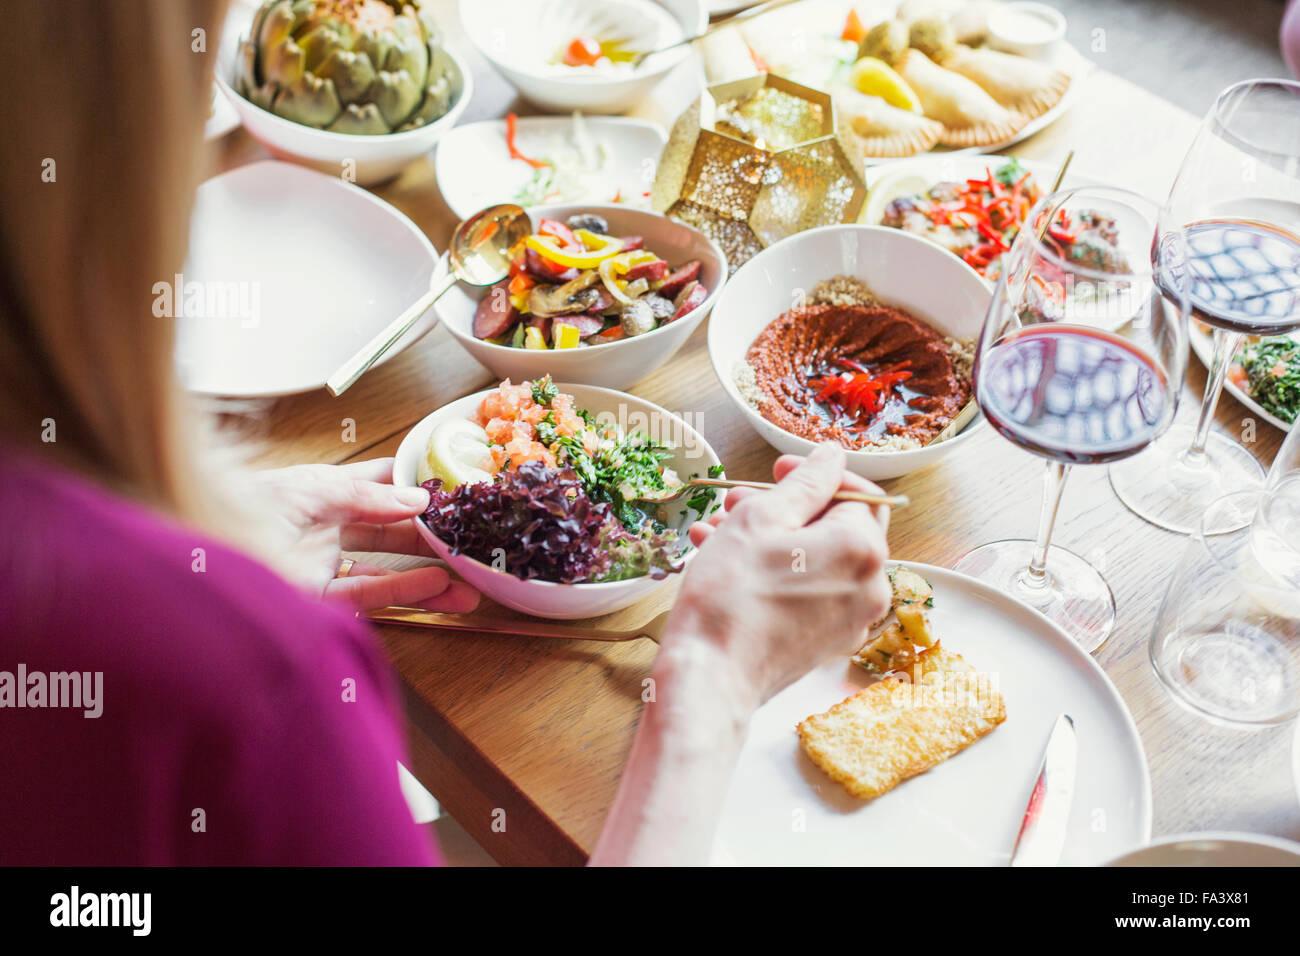 Donna prendendo il cibo nel piatto al ristorante libanese Immagini Stock